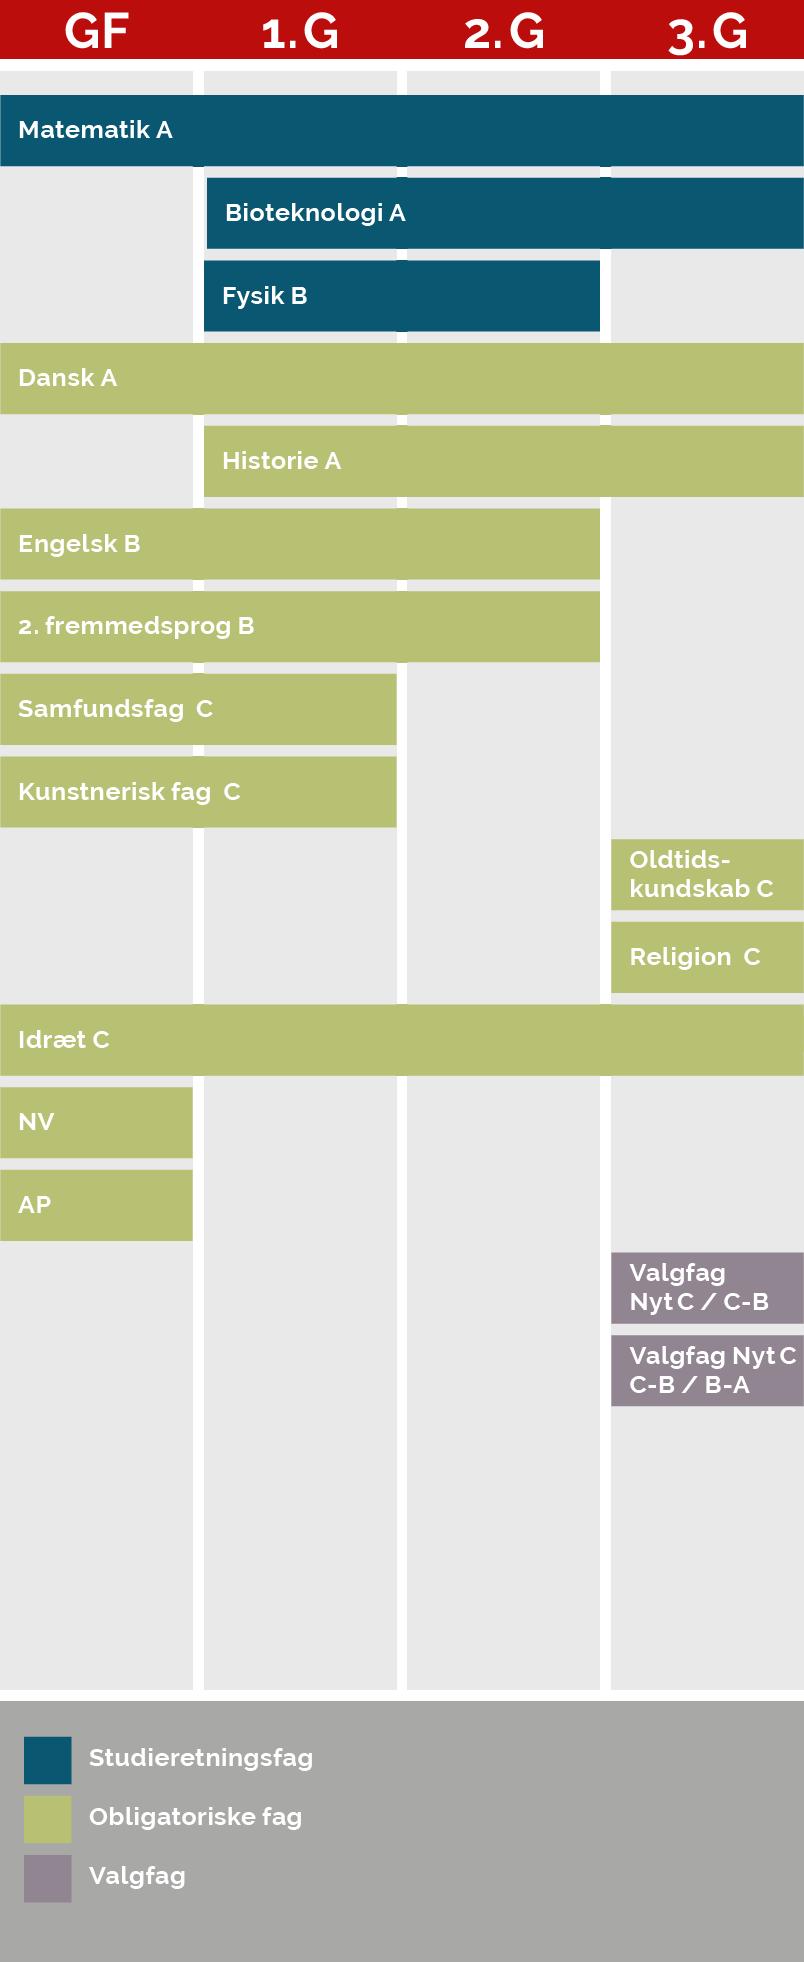 En grafisk model der viser, hvornår du har hvilke fag på denne studieretning. Af modellen fremgår følgende:  Matematik på A-niveau, som er et studieretningsfag, har du både i grundforløb, 1g., 2.g og 3.g. Bioteknologi på A-niveau, som er et studieretningsfag, har du i 1.g, 2.g og 3.g. Fysik på B-niveau, som er dit tredje studieretningsfag, har du i 1.g og 2.g Dansk på A-niveau, som er et obligatorisk fag, har du både i grundforløb, 1.g, 2.g og 3.g. Historie på A-niveau, som er et obligatorisk fag, har du i 1.g, 2.g og 3.g. Engelsk og 2.  fremmedsprog på B-niveau, som begge er obligatoriske fag, har du i grundforløb, 1.g og 2.g Samfundsfag og kunstnerisk fag på C-niveau, som begge er obligatoriske fag, har du i grundforløb og 1.g Oldtidskundskab og Religion på C-niveau, som er obligatoriske fag, har du i 3.g Idræt på C-niveau, som er et obligatorisk fag, har du i grundforløb, 1.g, 2.g og 3.g. NV og AP, som er obligatoriske fag, har du kun i grundforløb. I 3.g har du samlet to valgfag, som enten er et nyt fag på C-niveau eller et C-niveau-fag, som du hæver til B-niveau eller et B-niveau-fag du hæver til A-niveau.